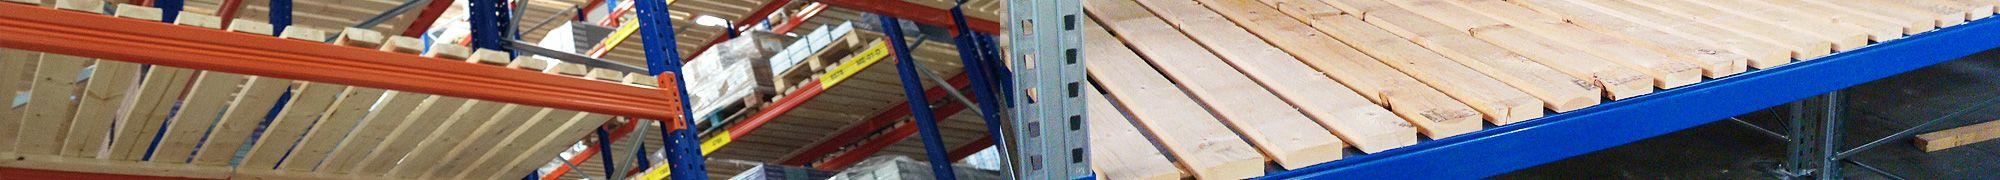 Pallet racking decking